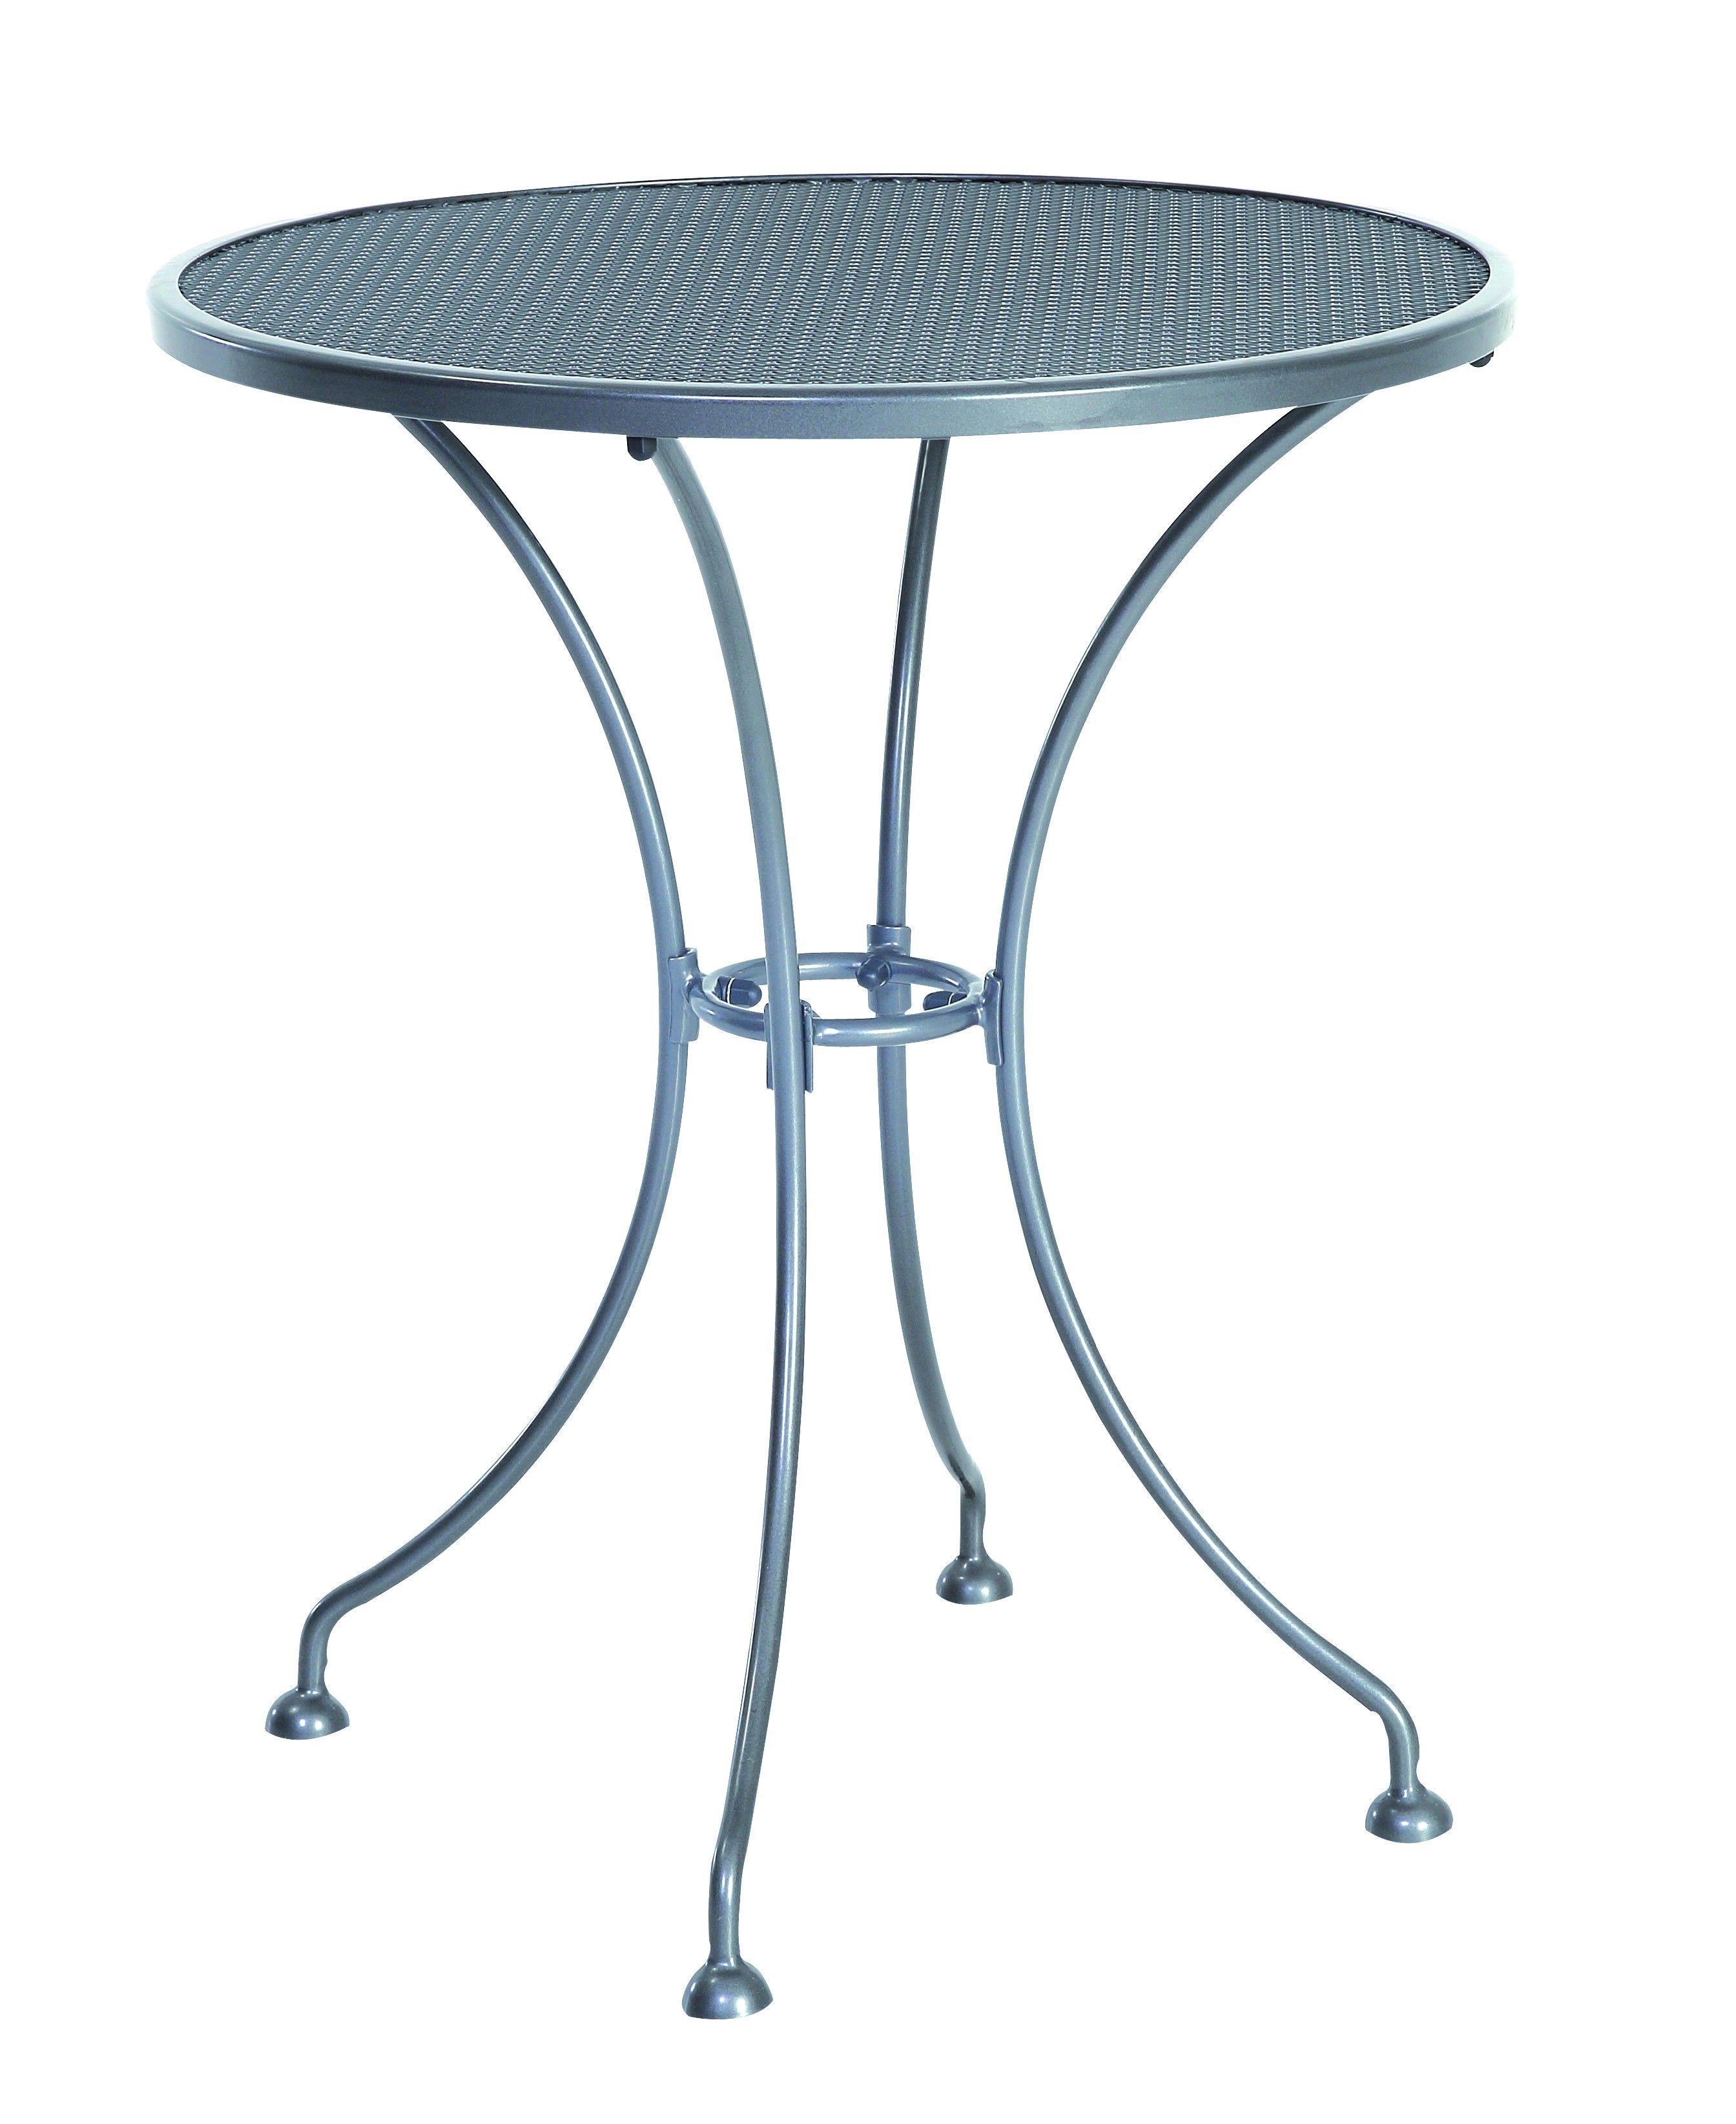 Sunvilla Corporation Steel Mesh Bistro Table, Graphite & Reviews